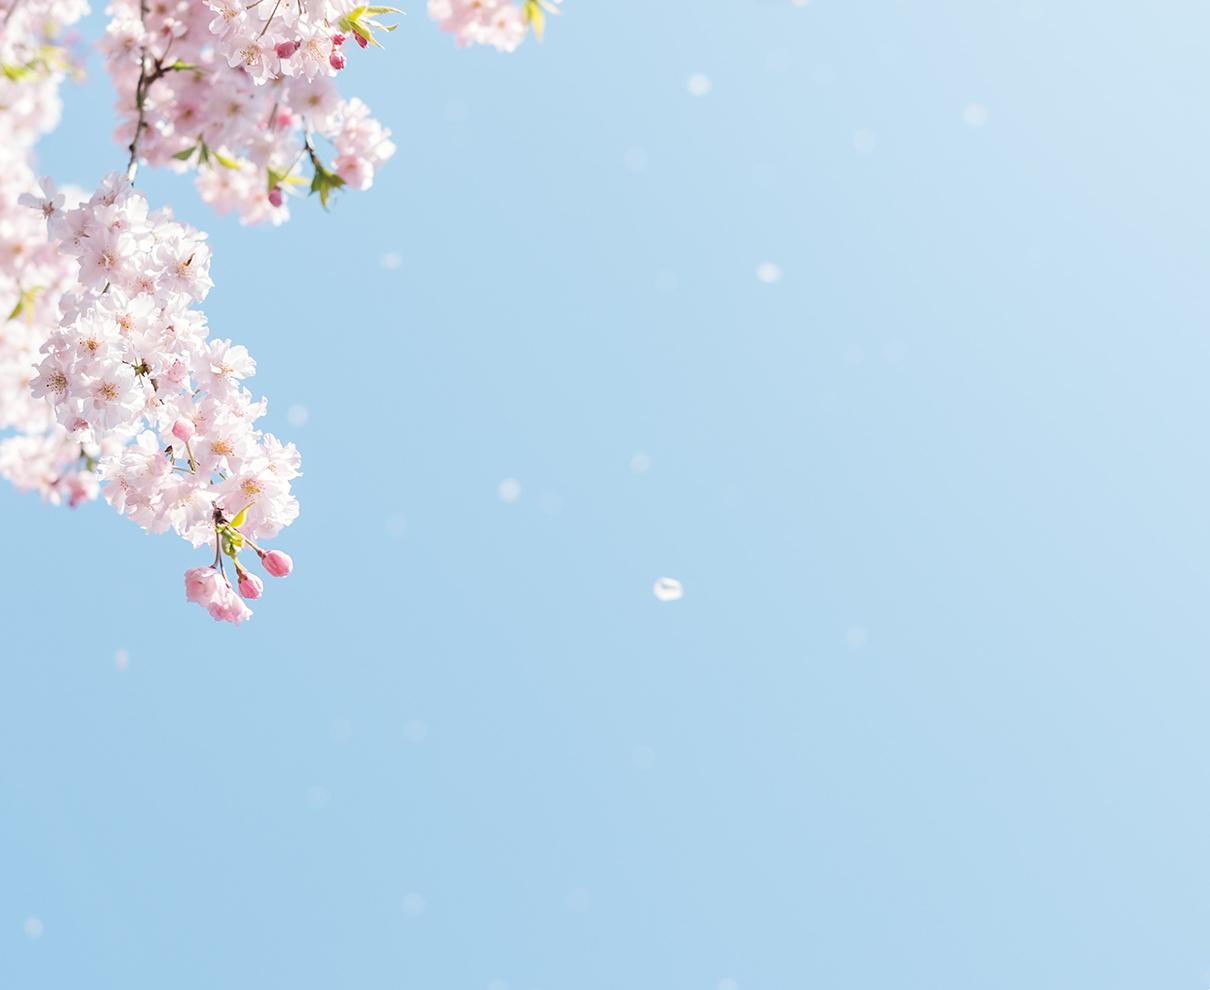 4月です。 いつもと変わらない生活でも、何かを始めてみようか…と気持ちが前向きになる季節です。